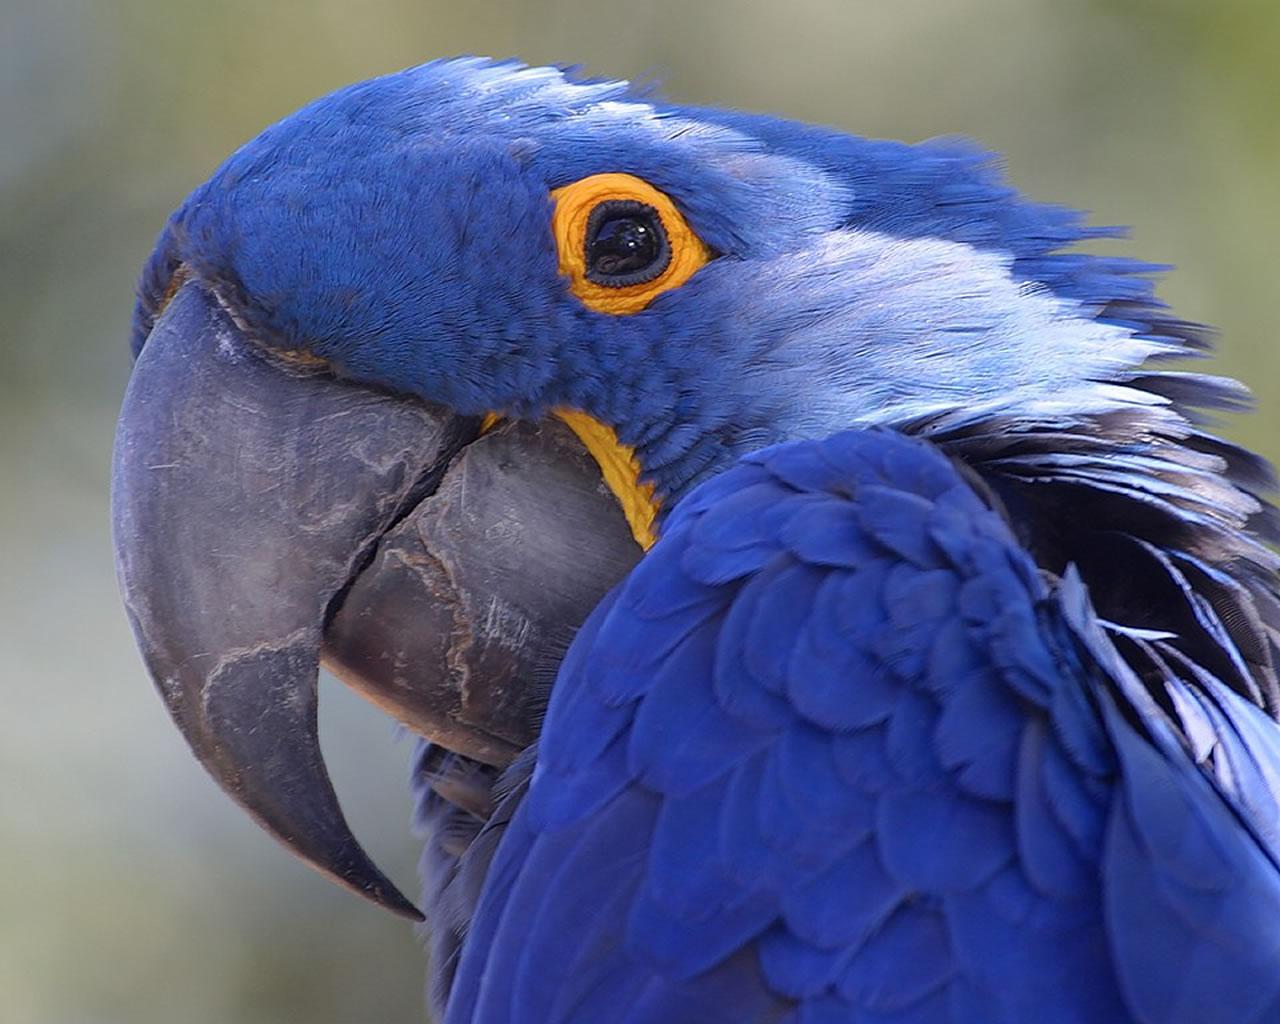 download wallpaper: een Amazone papegaai wallpaper